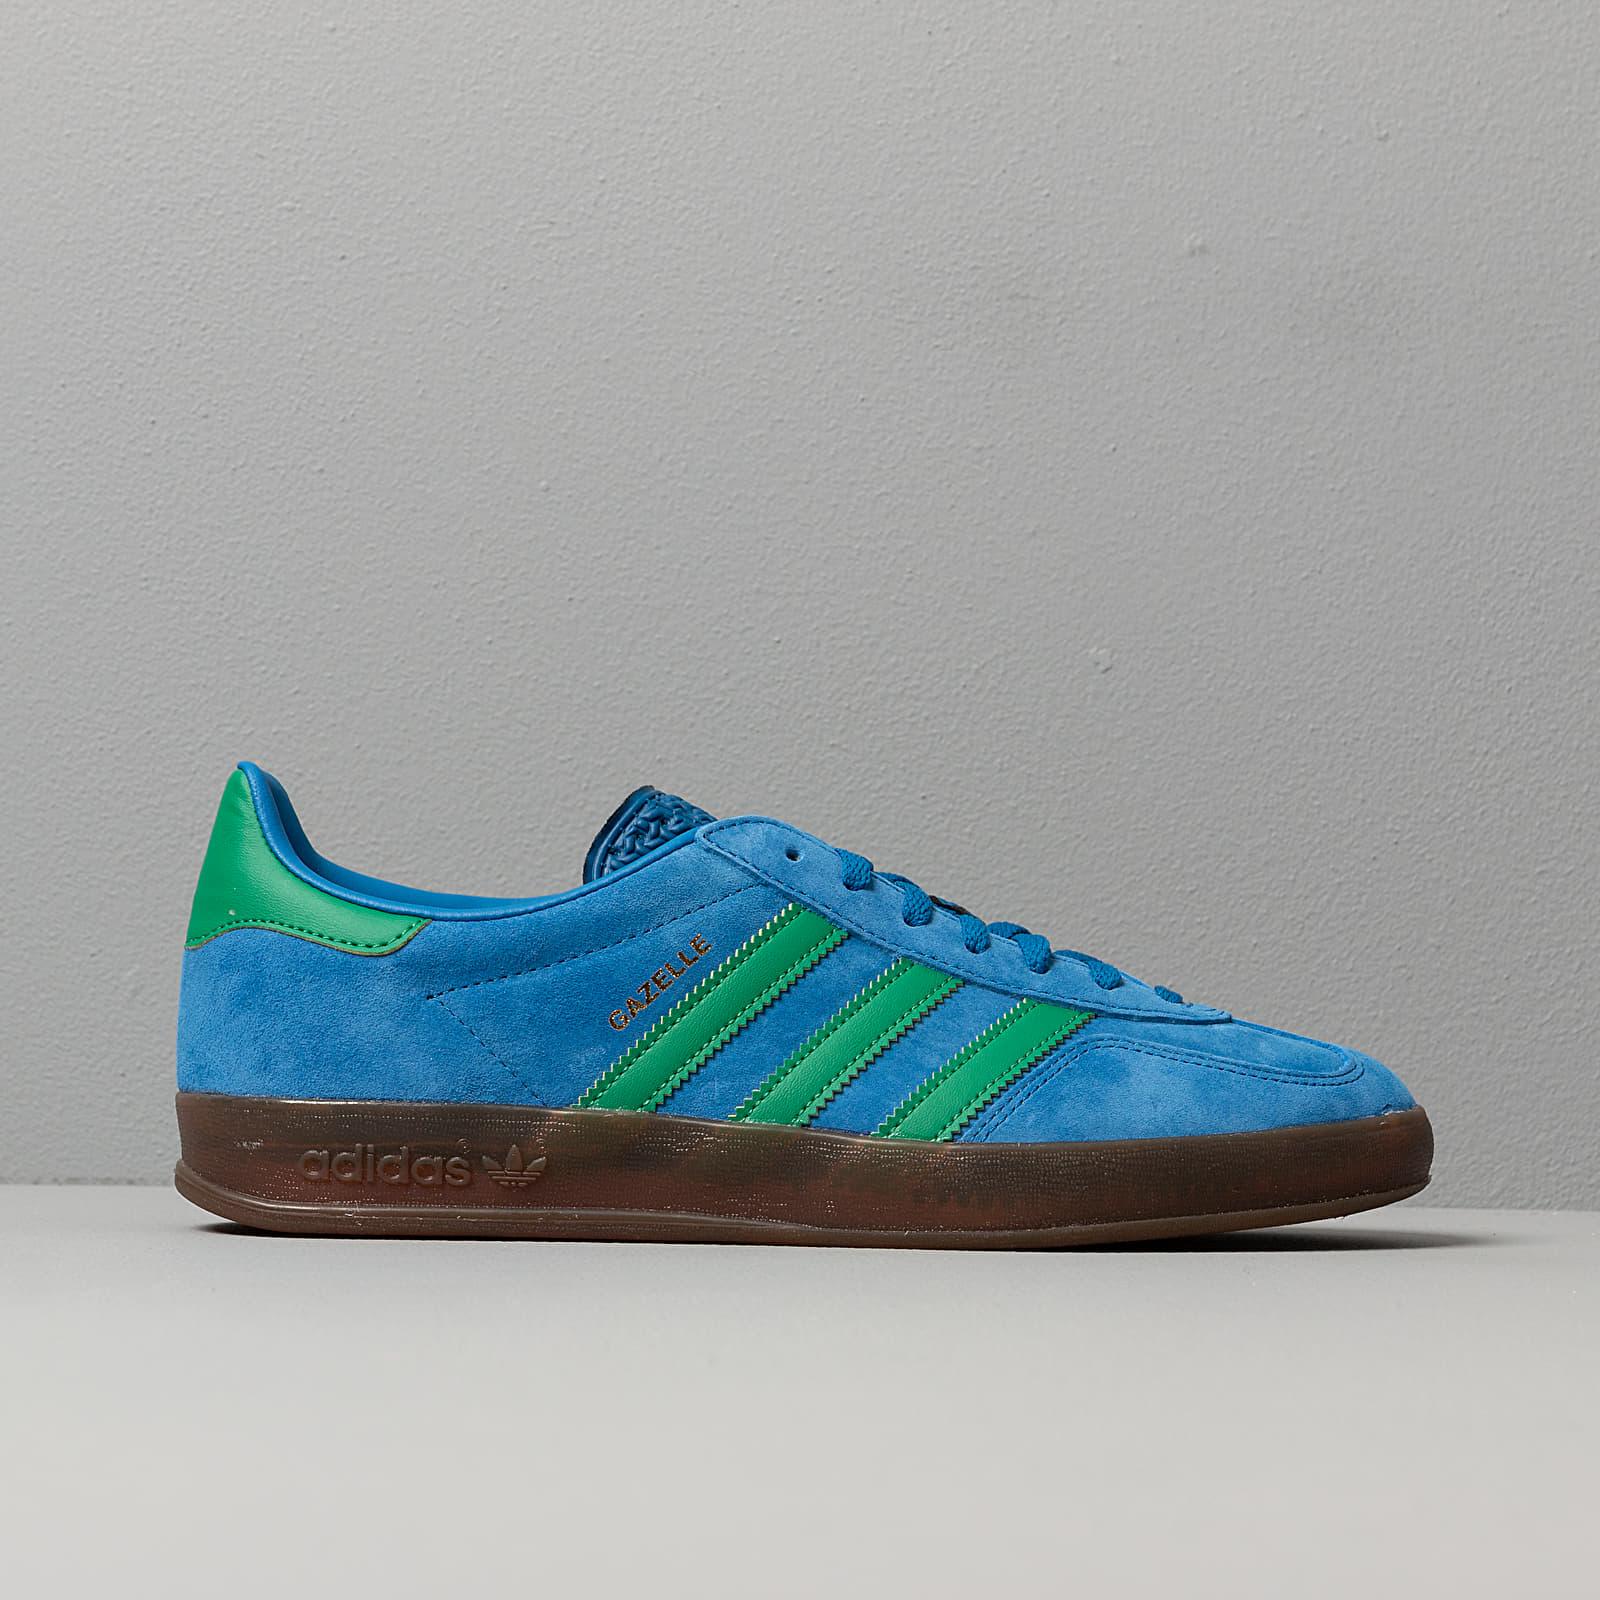 adidas Gazelle Indoor Lust Blue Bright Green Gum5   Footshop